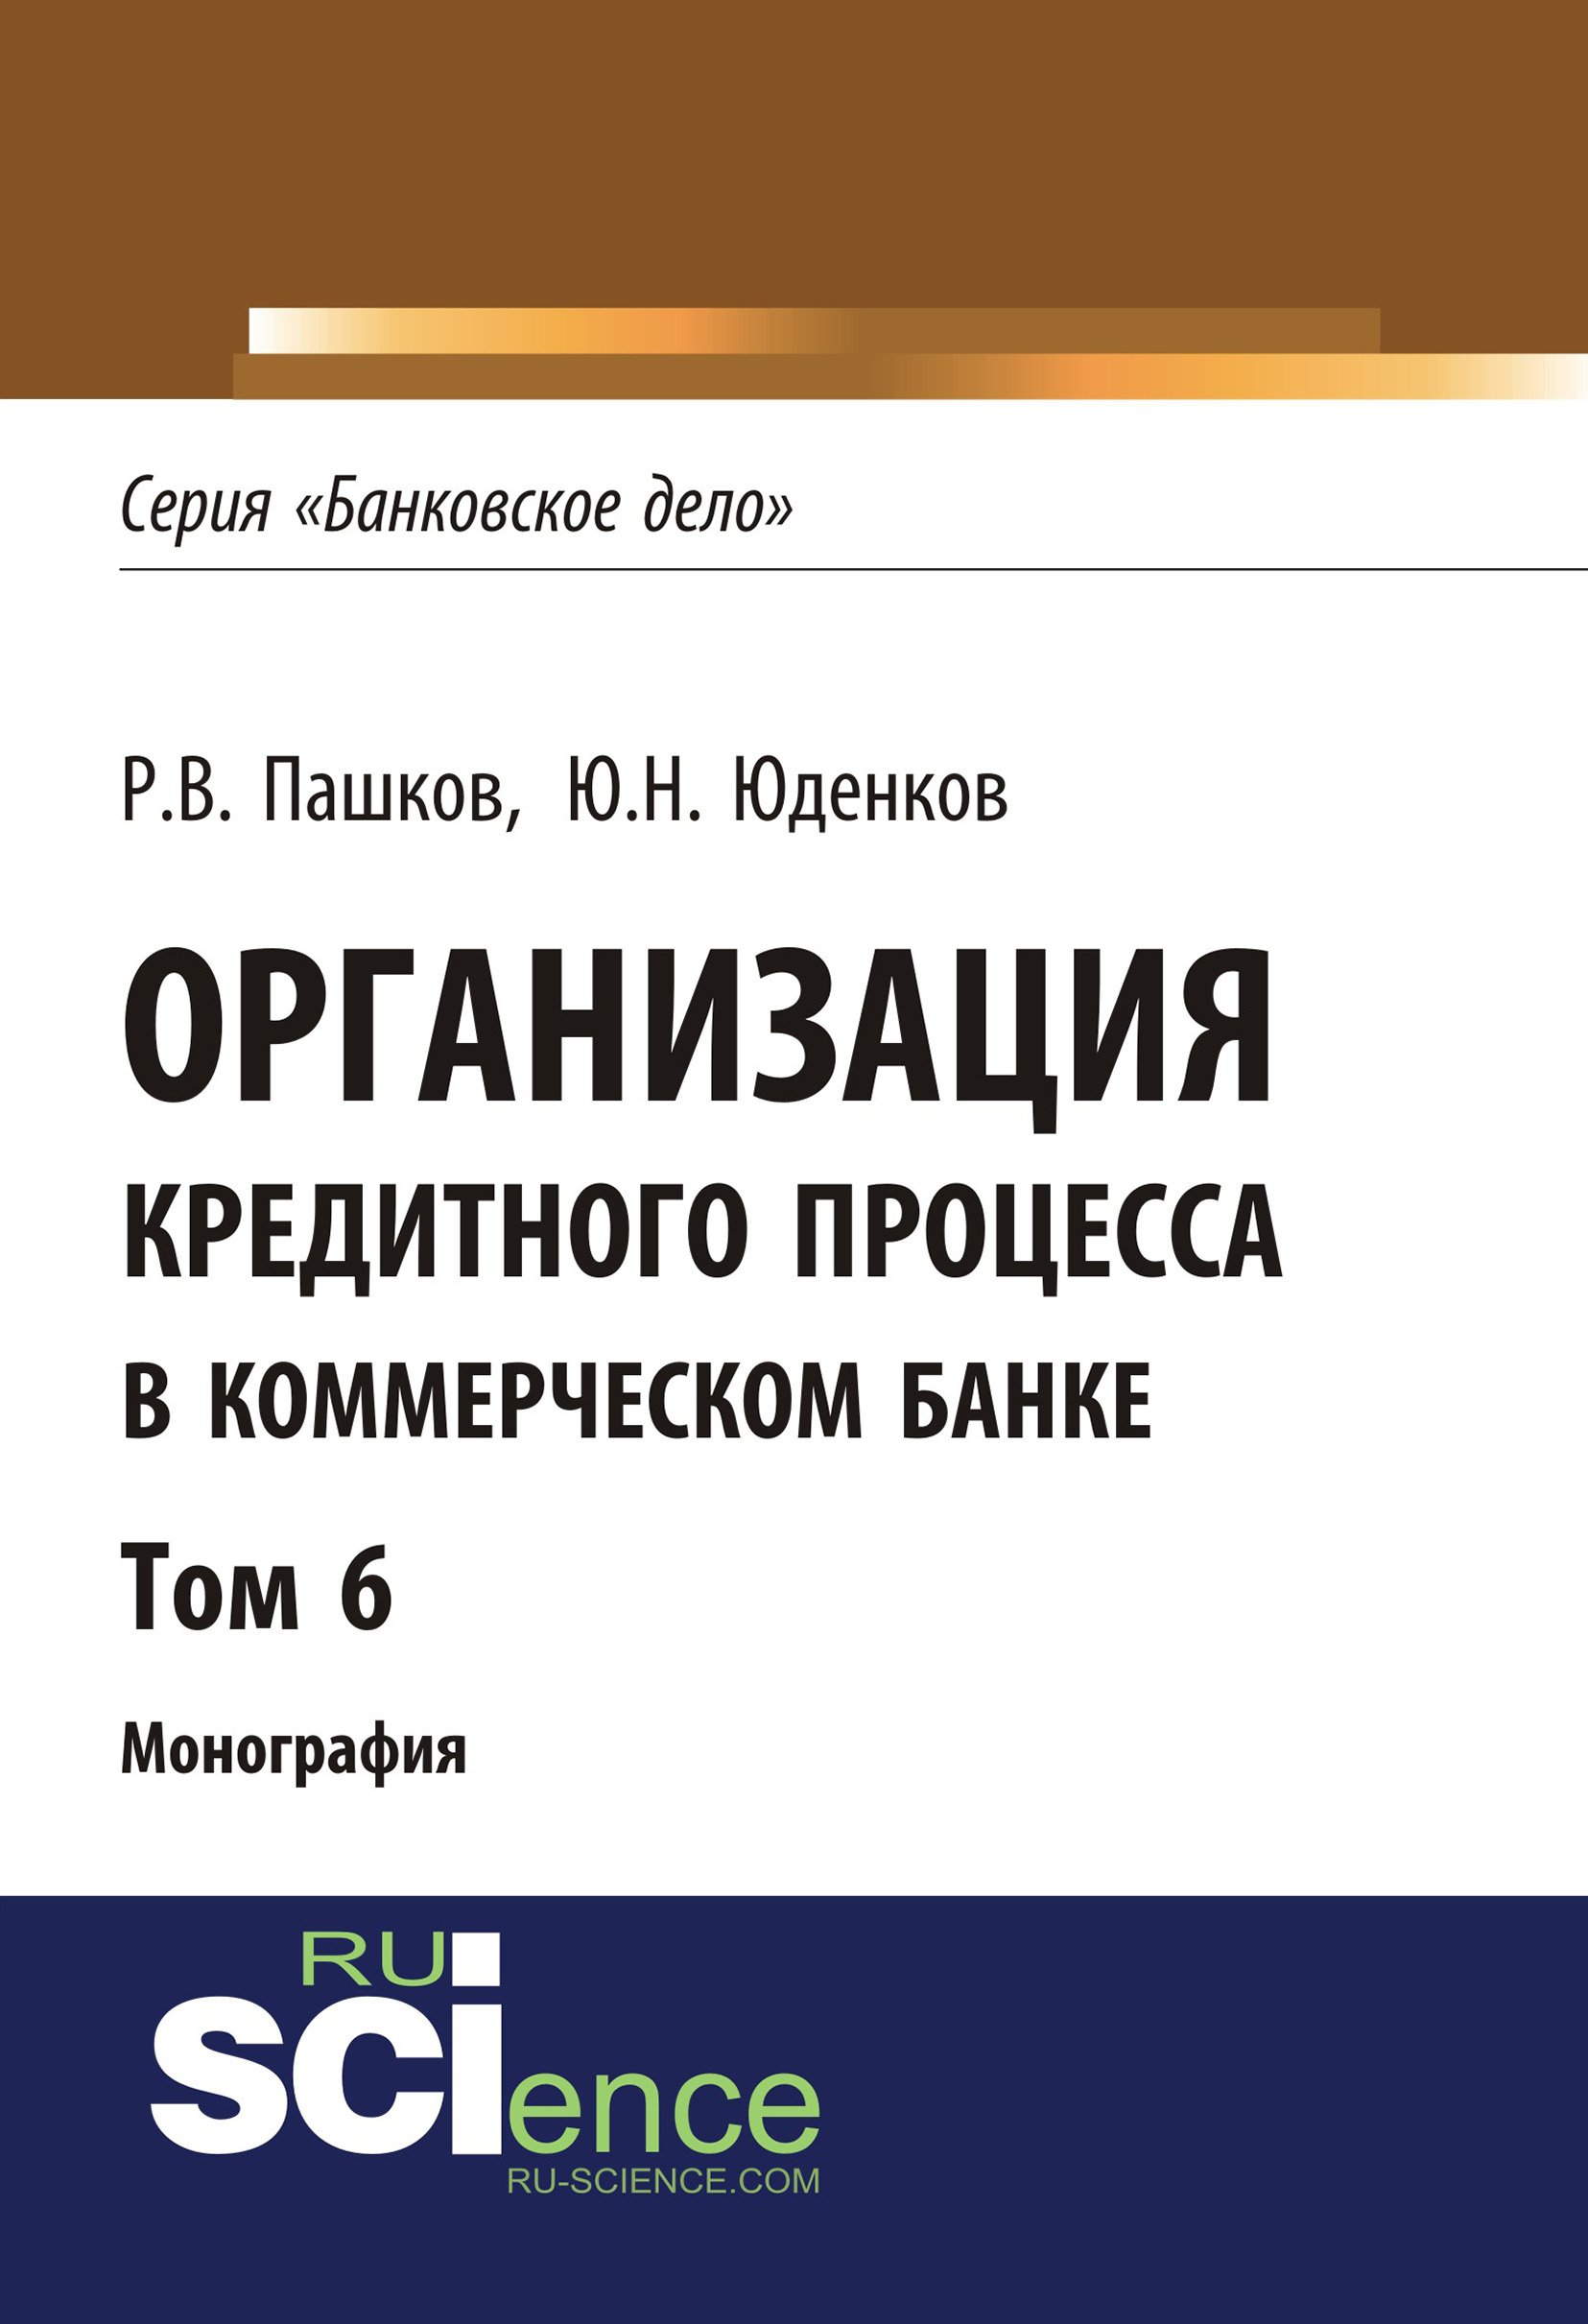 Ю. Н. Юденков Организация кредитного процесса в коммерческом банке. Том 6 стоимость